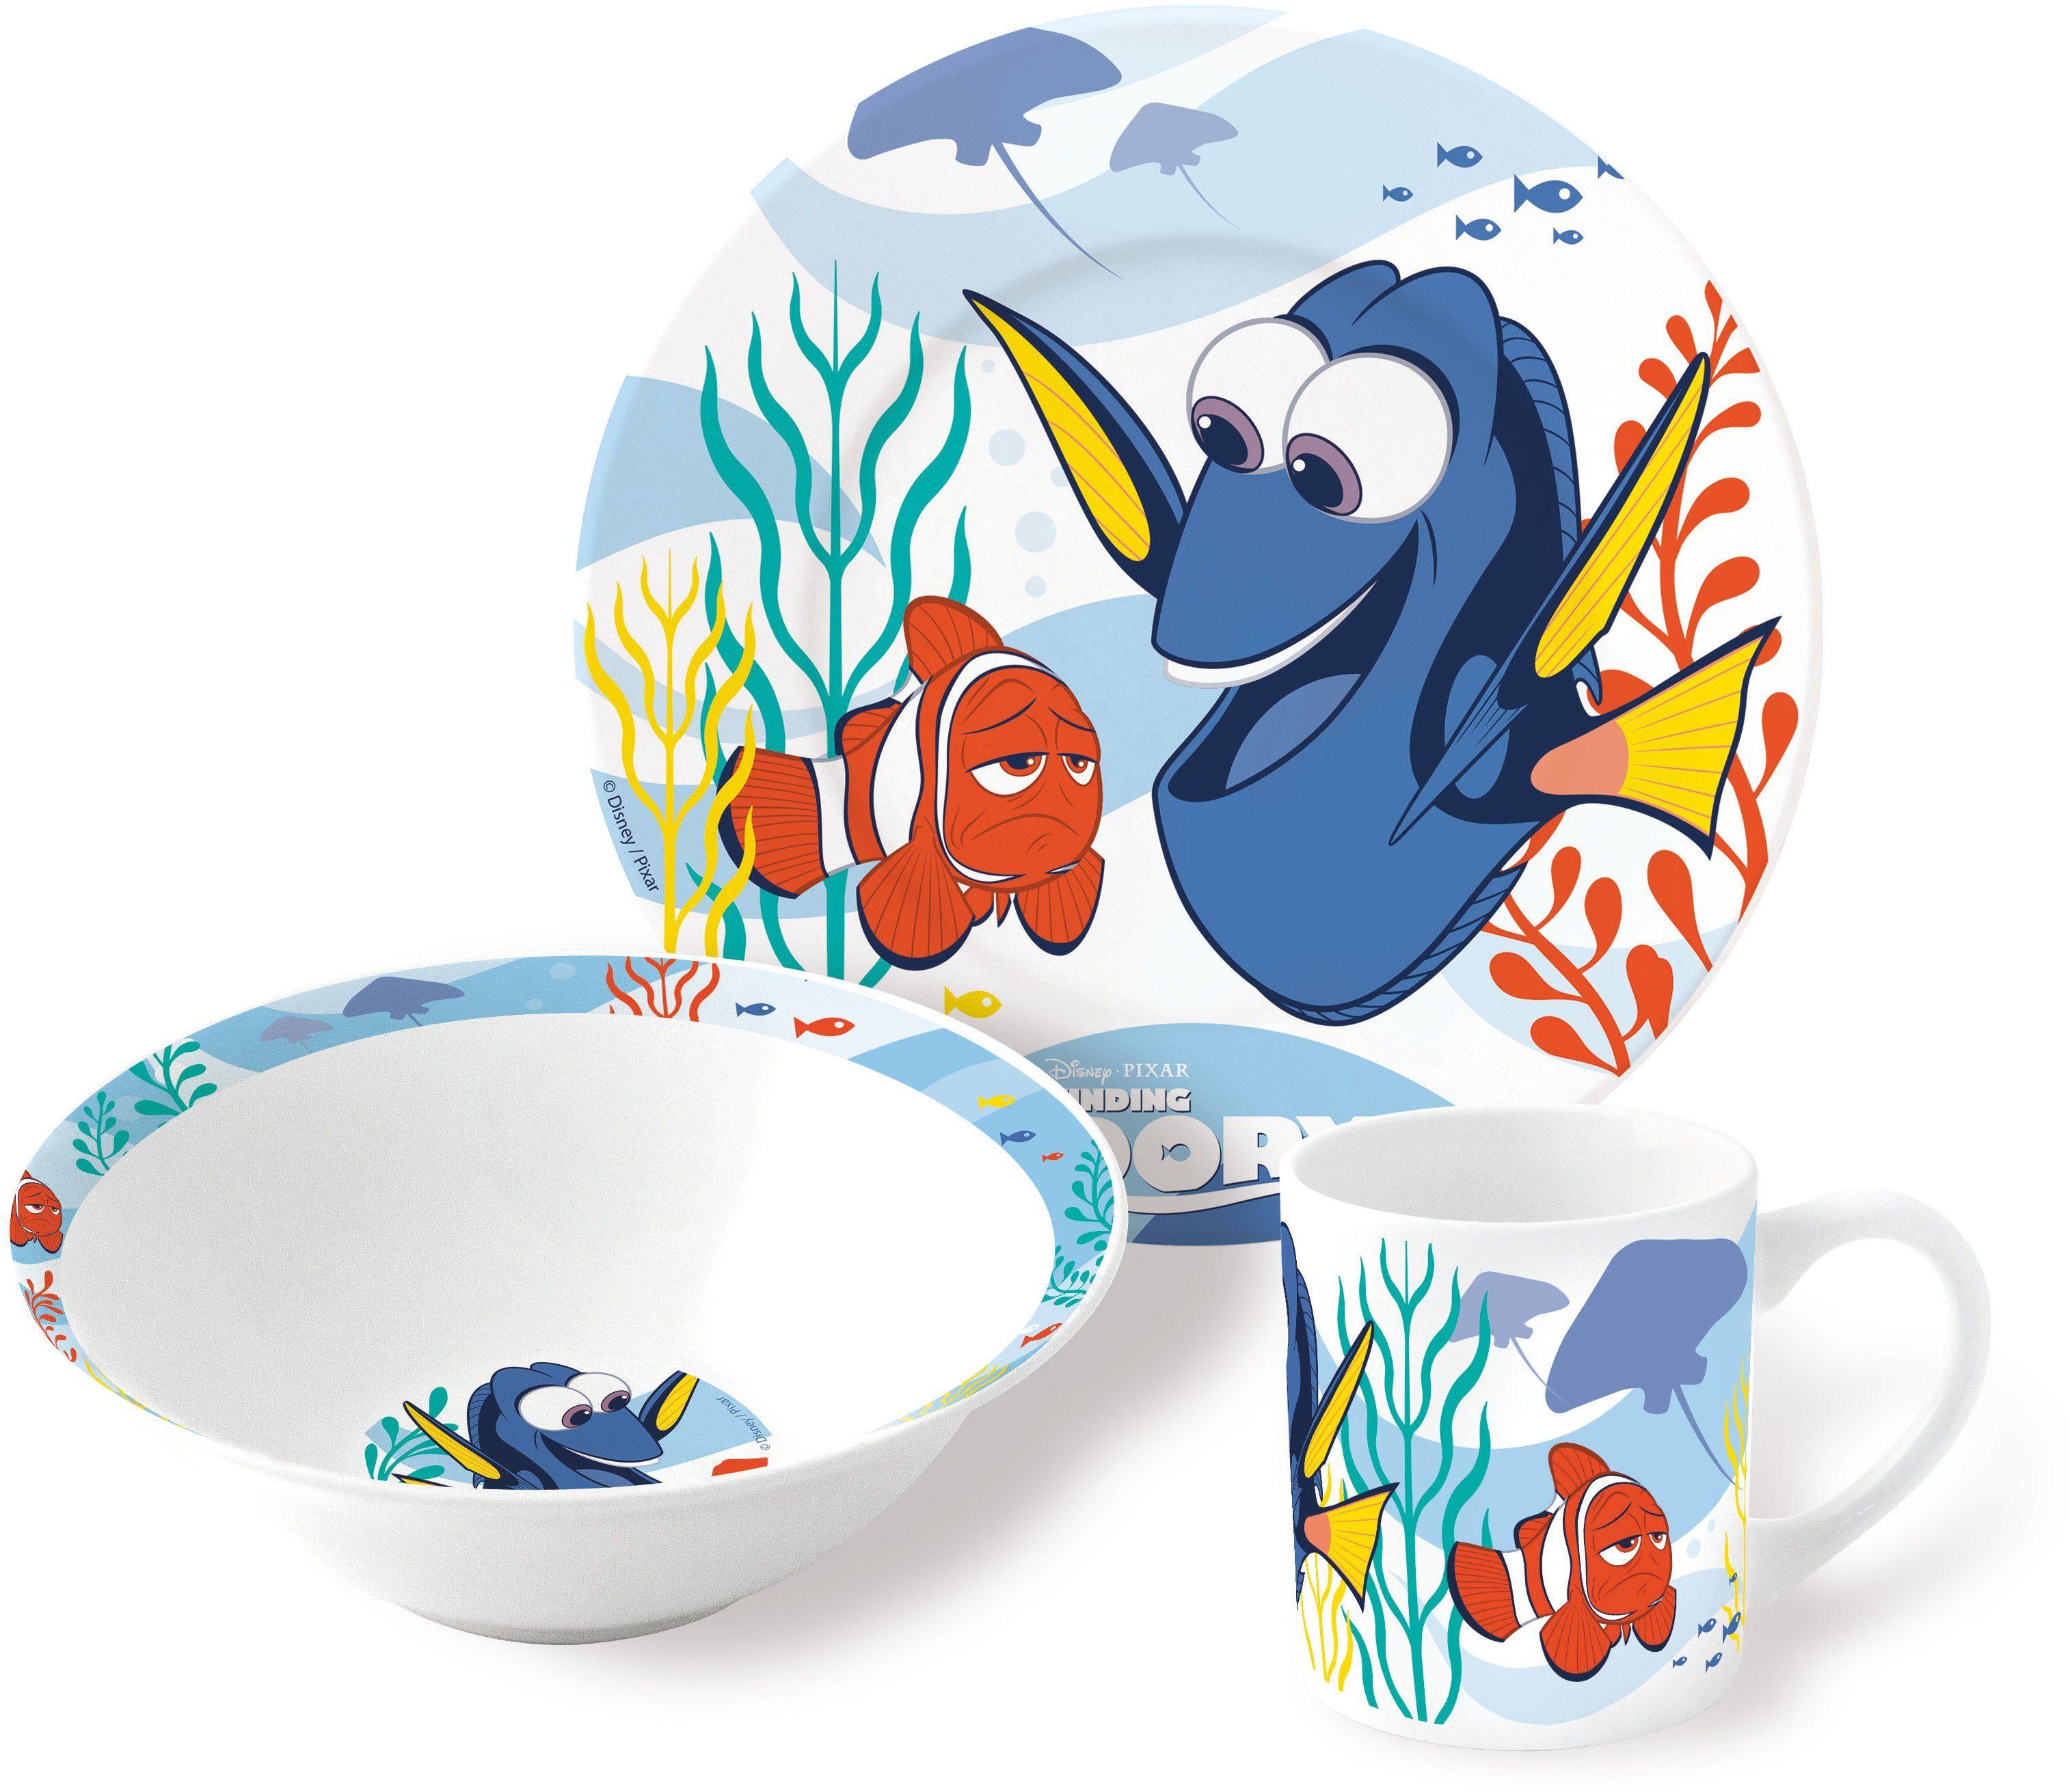 p:os Kindergeschirrset, »Disney Pixar Finding Dory Keramikset«